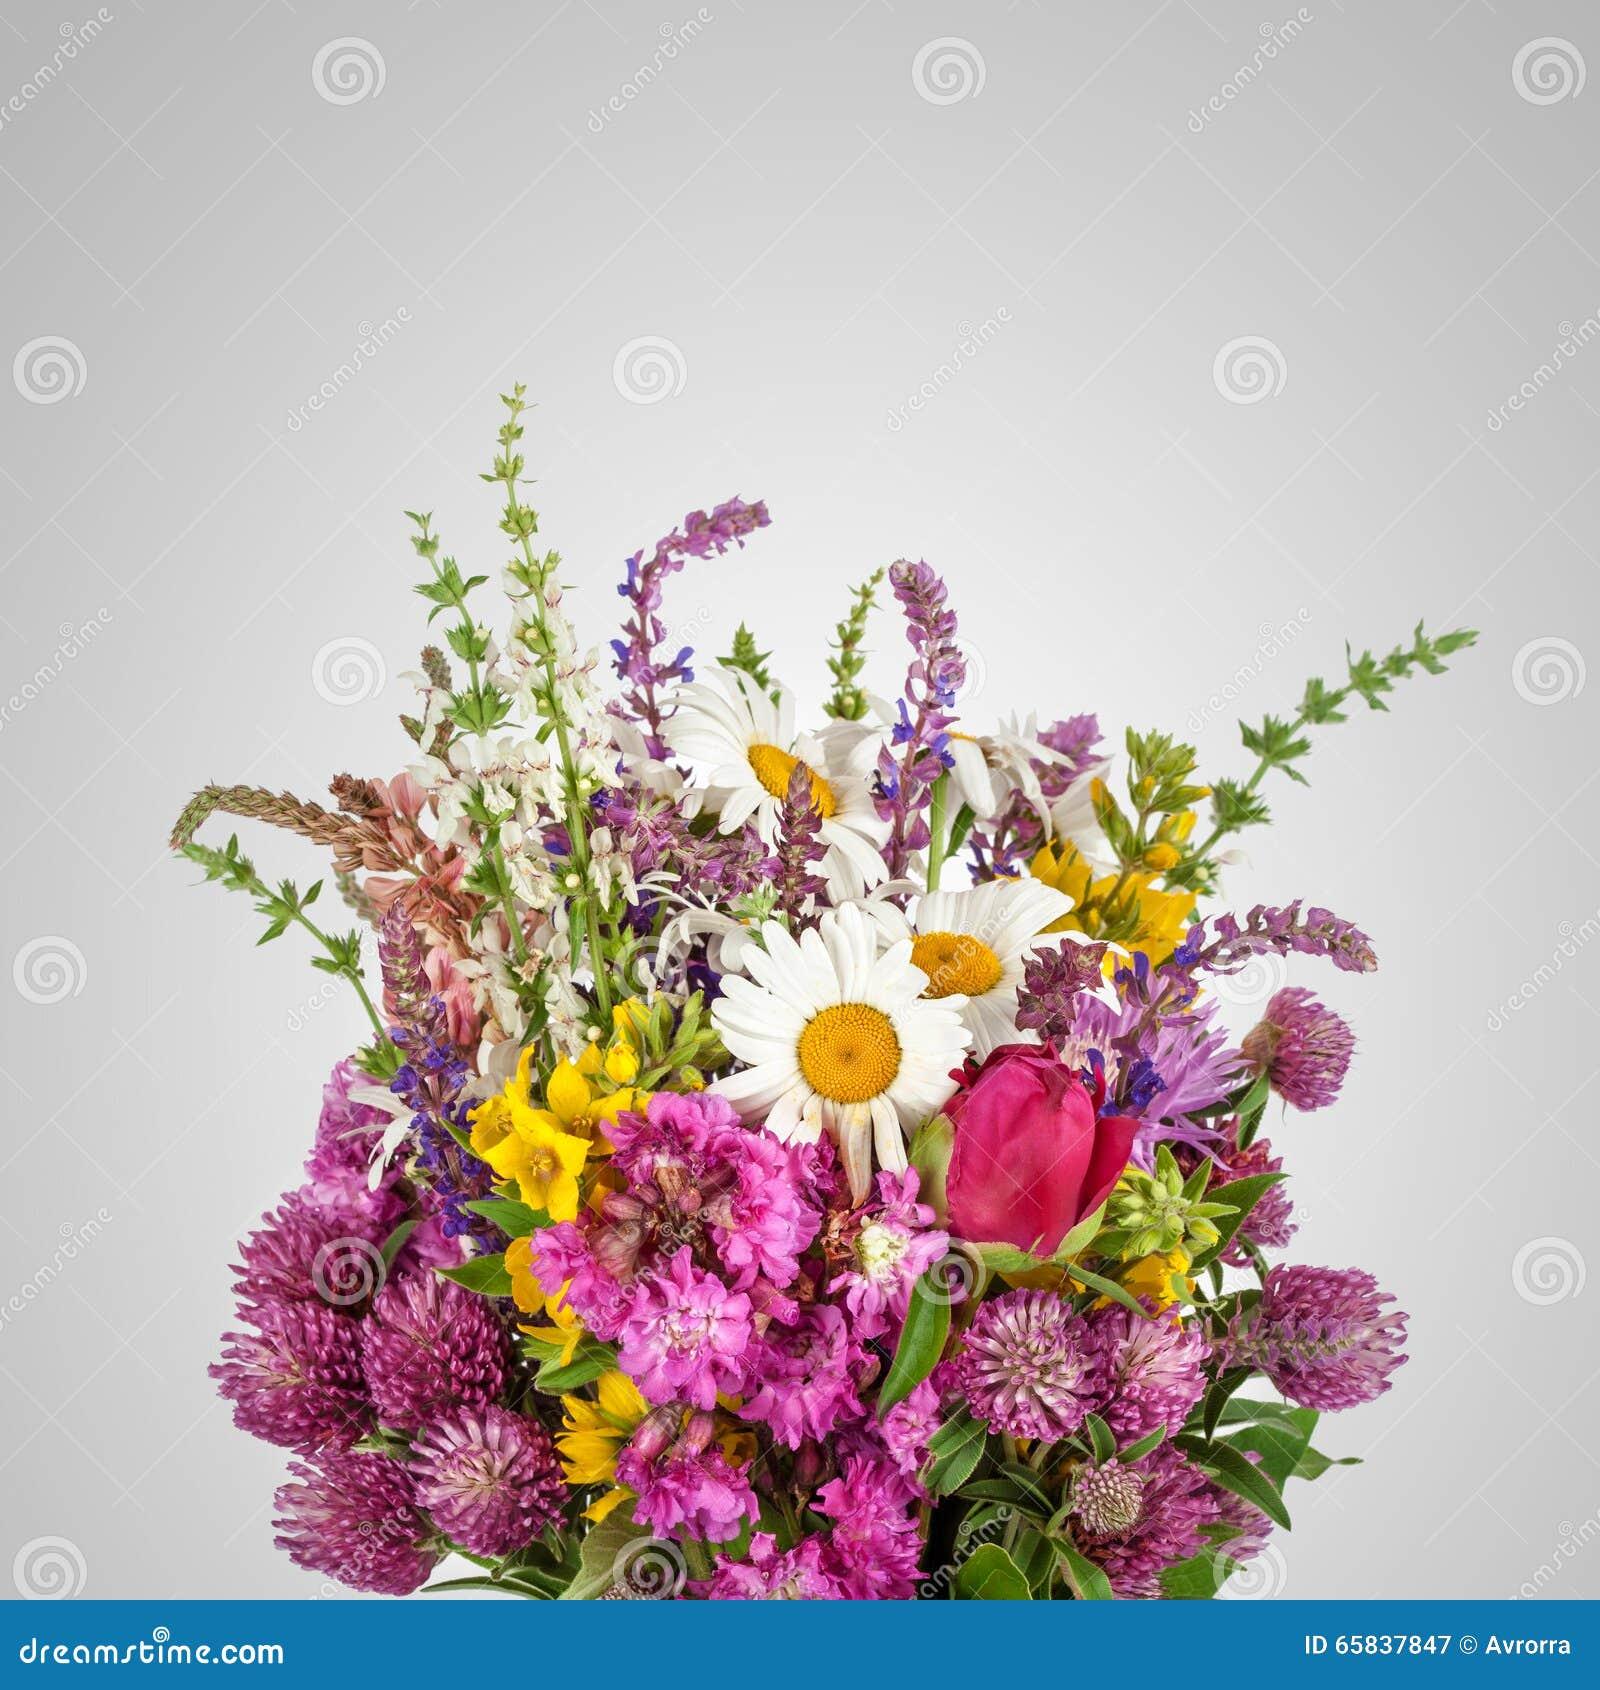 sch ner wilde blumen blumenstrau wildflowers stockbild. Black Bedroom Furniture Sets. Home Design Ideas